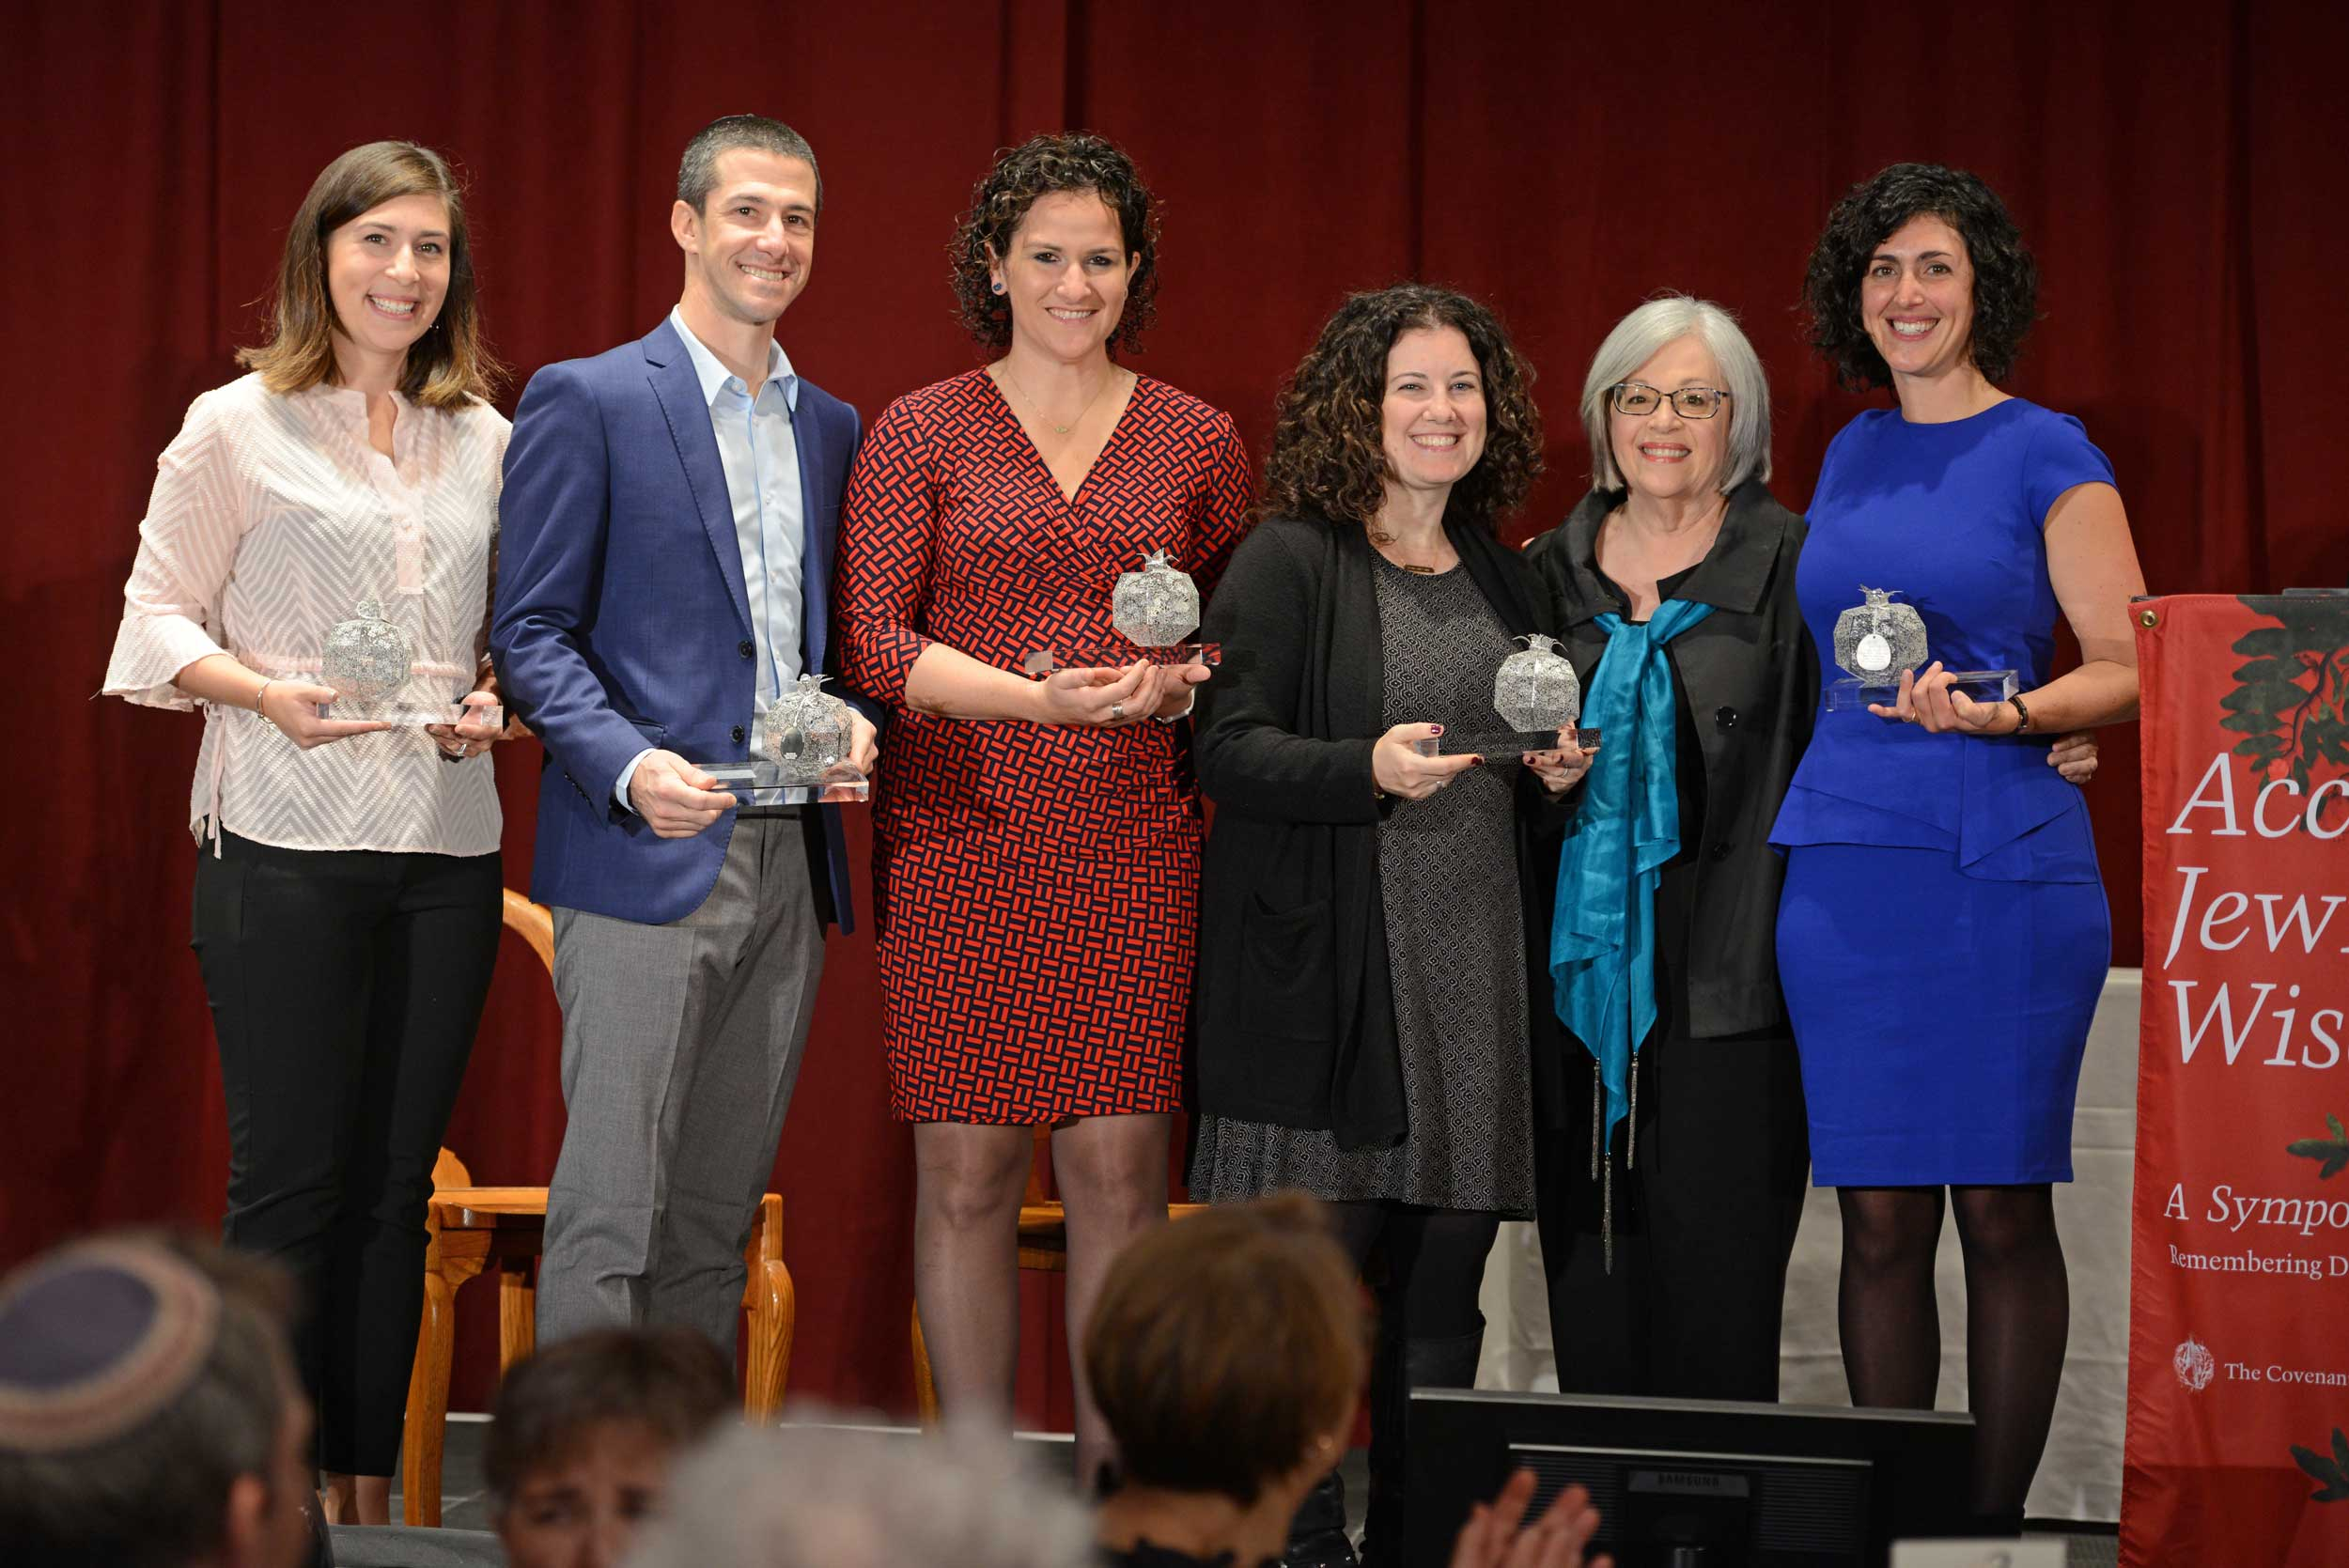 The 2018 Pomegranate Prize recipients